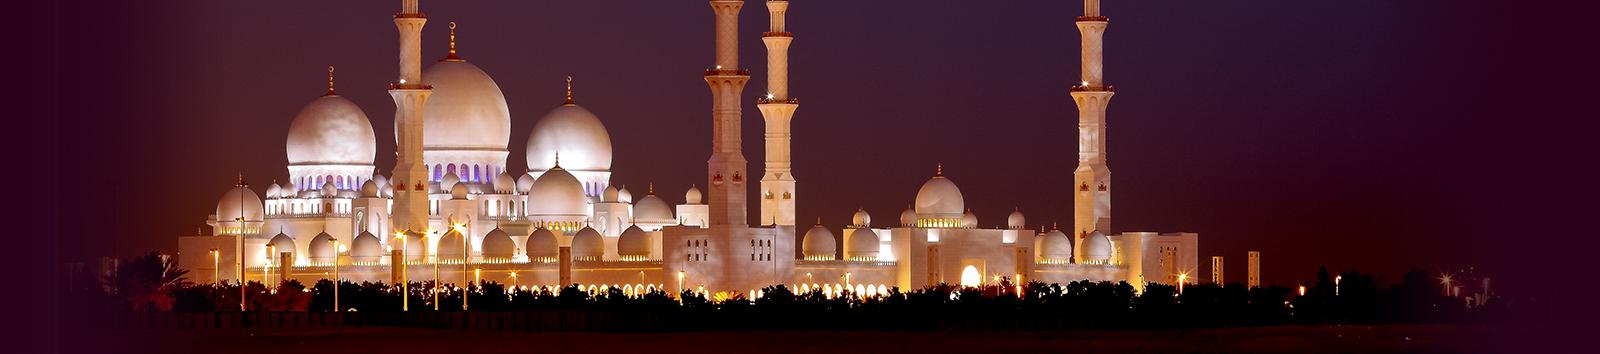 Dubai city tours banner